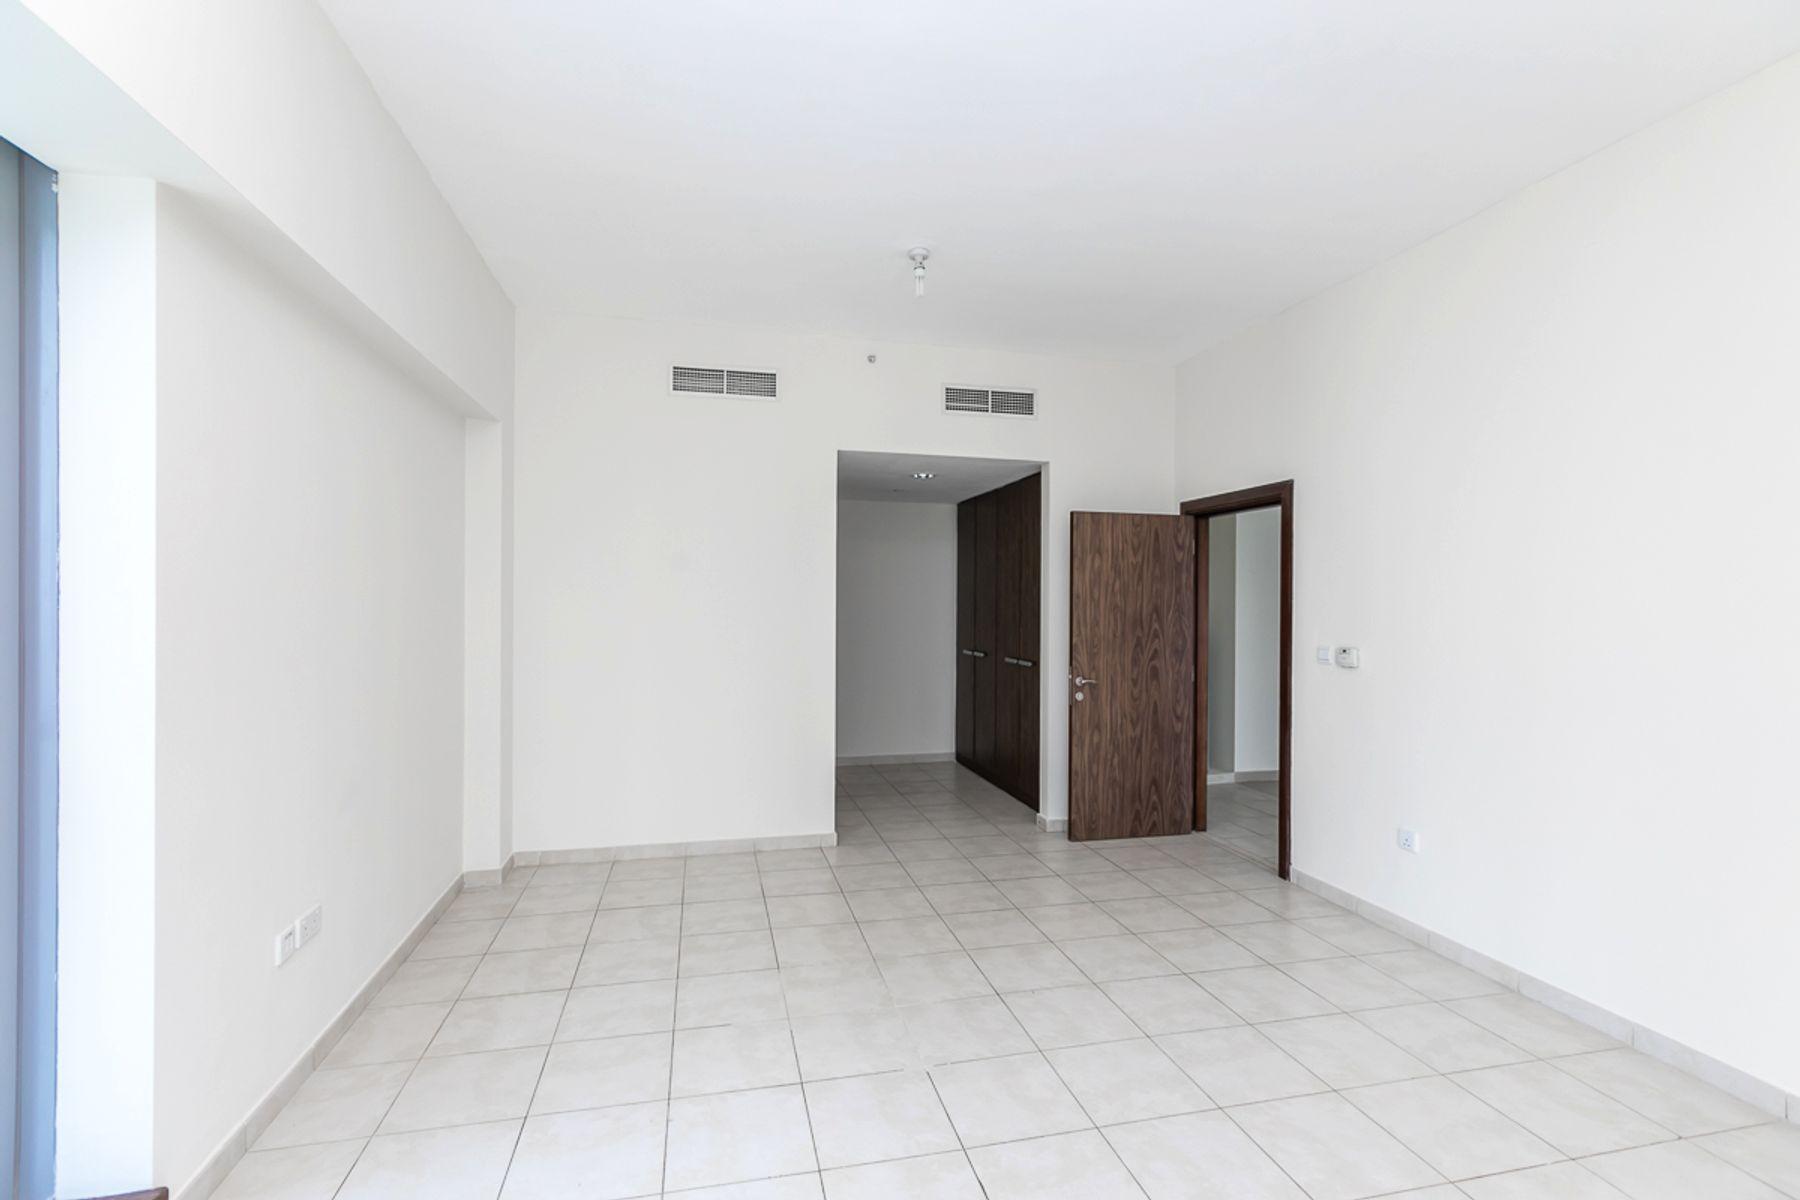 للبيع - شقة - L برج - الخليج التجاري